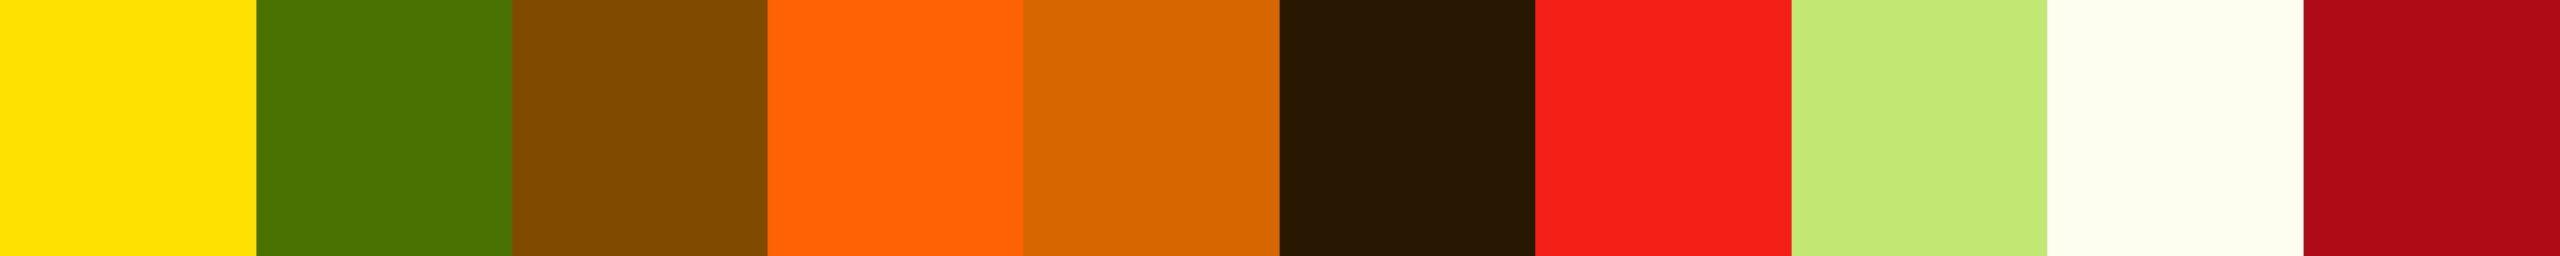 755 Kyania Color Palette